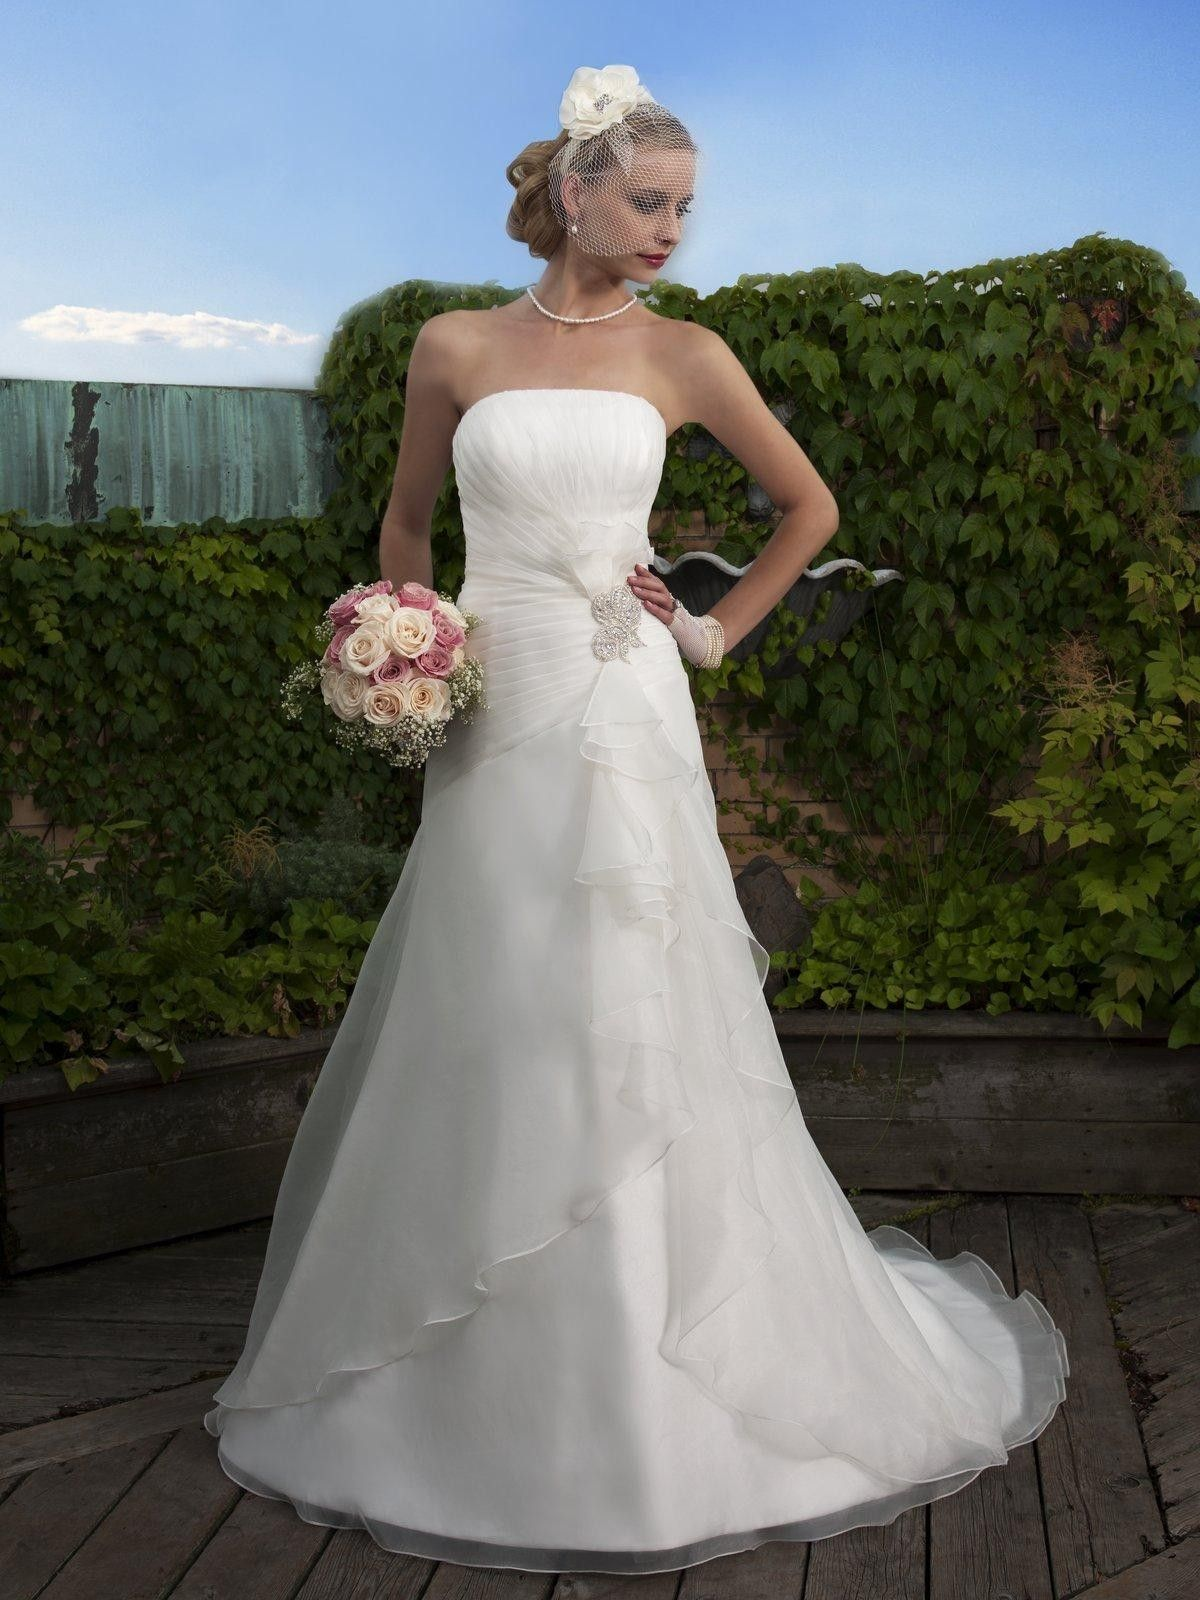 Organza/Satin Strapless Neckline Aline Wedding Dress 258